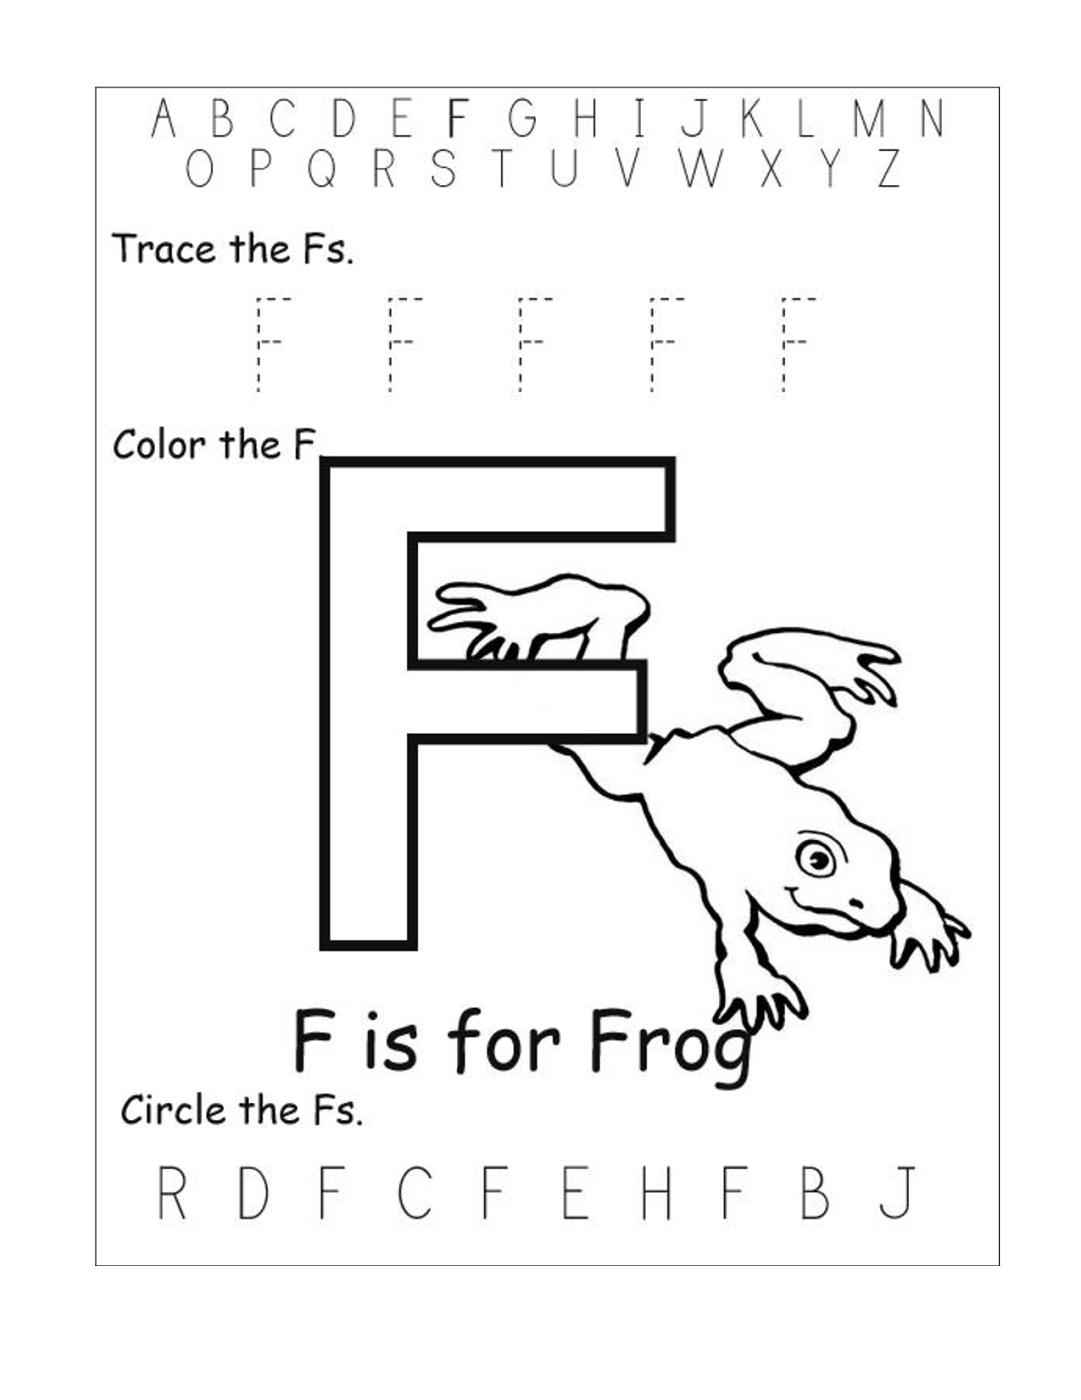 Letter F Worksheets For Preschool Worksheets For All throughout Letter F Worksheets Free